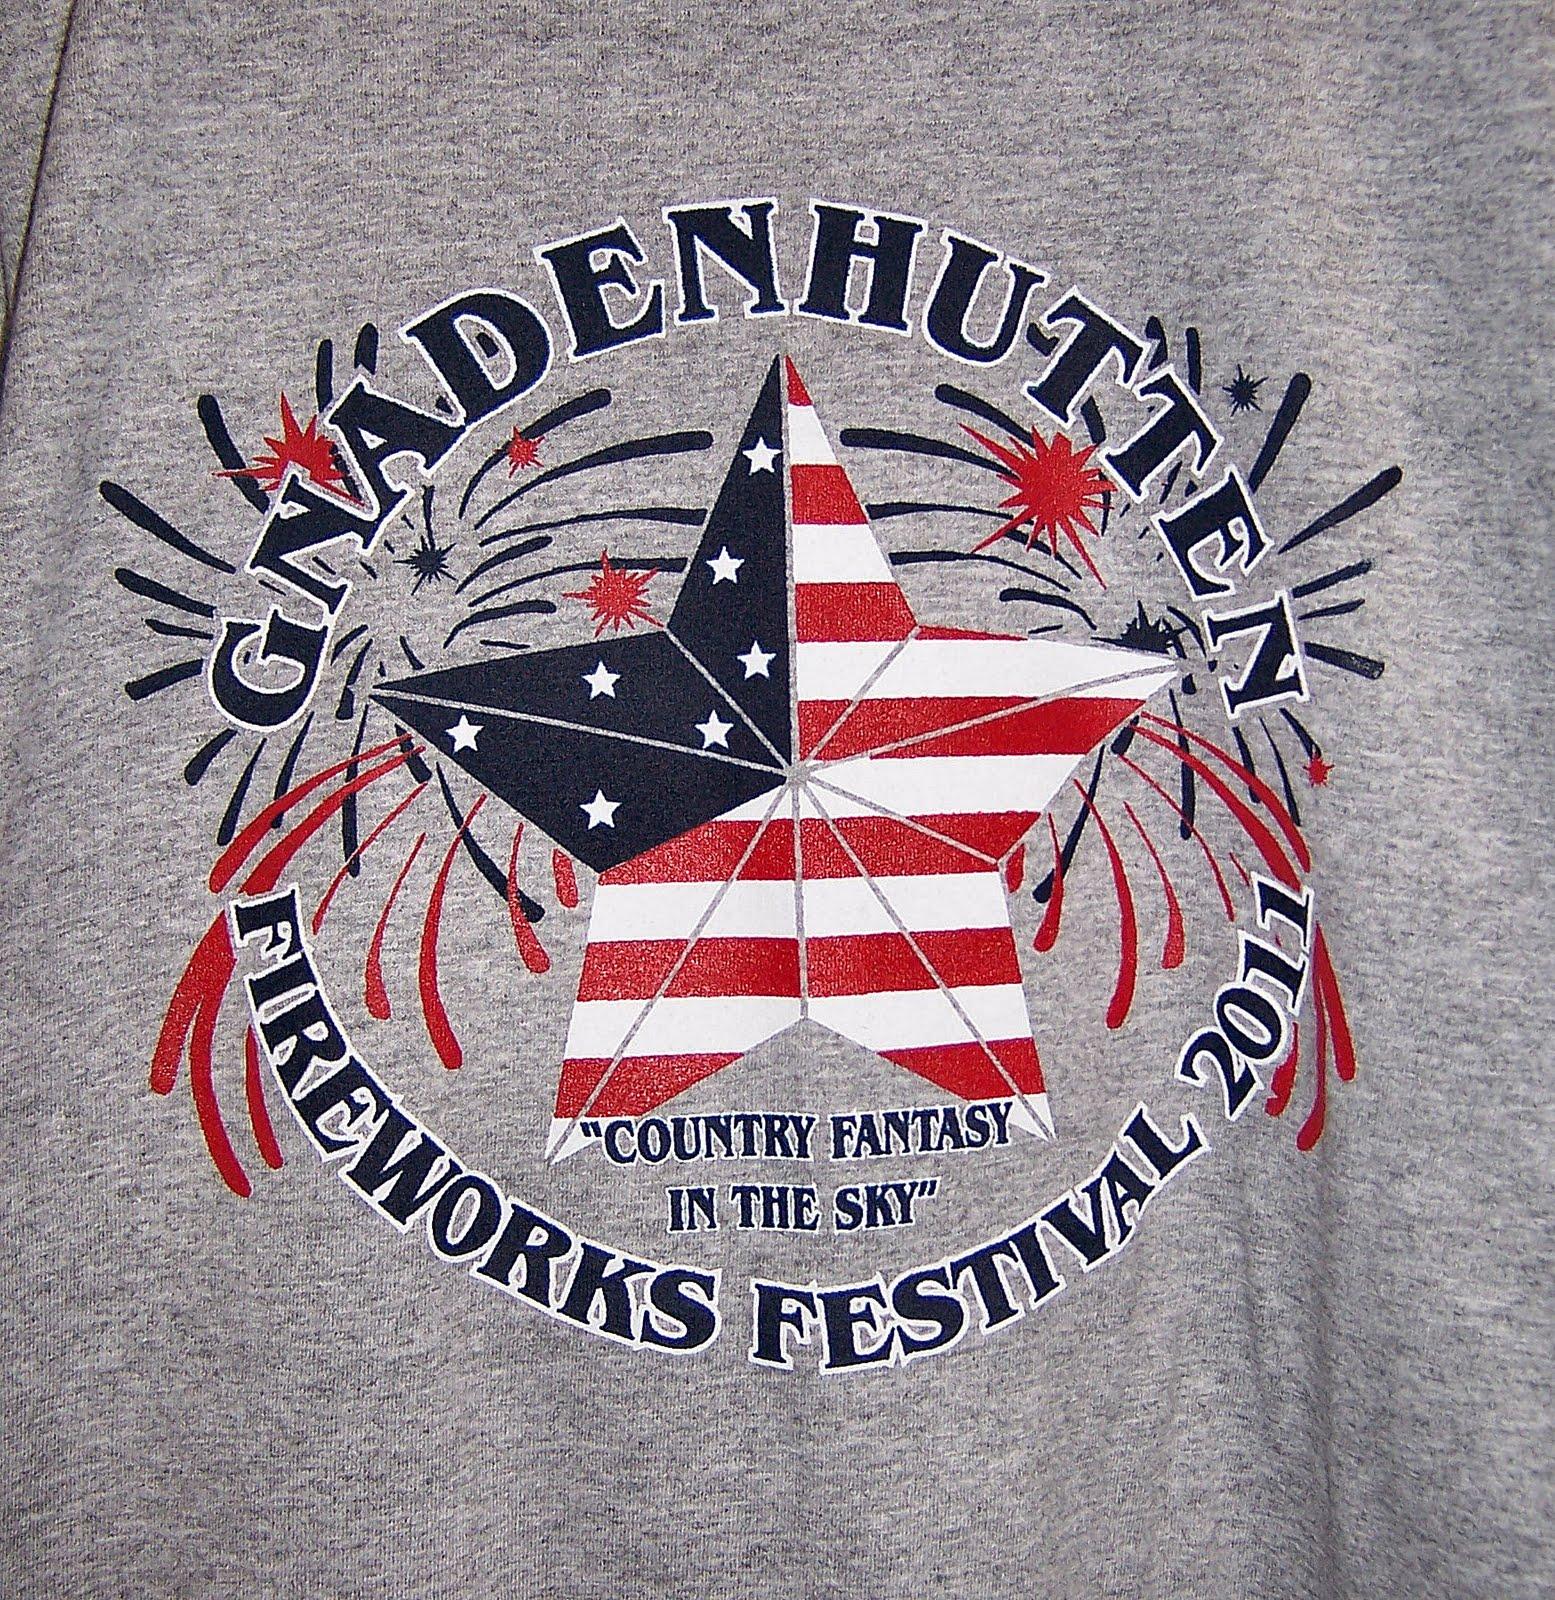 Gnadenhutten fireworks festival 2011 festival t shirt design for T shirt design festival